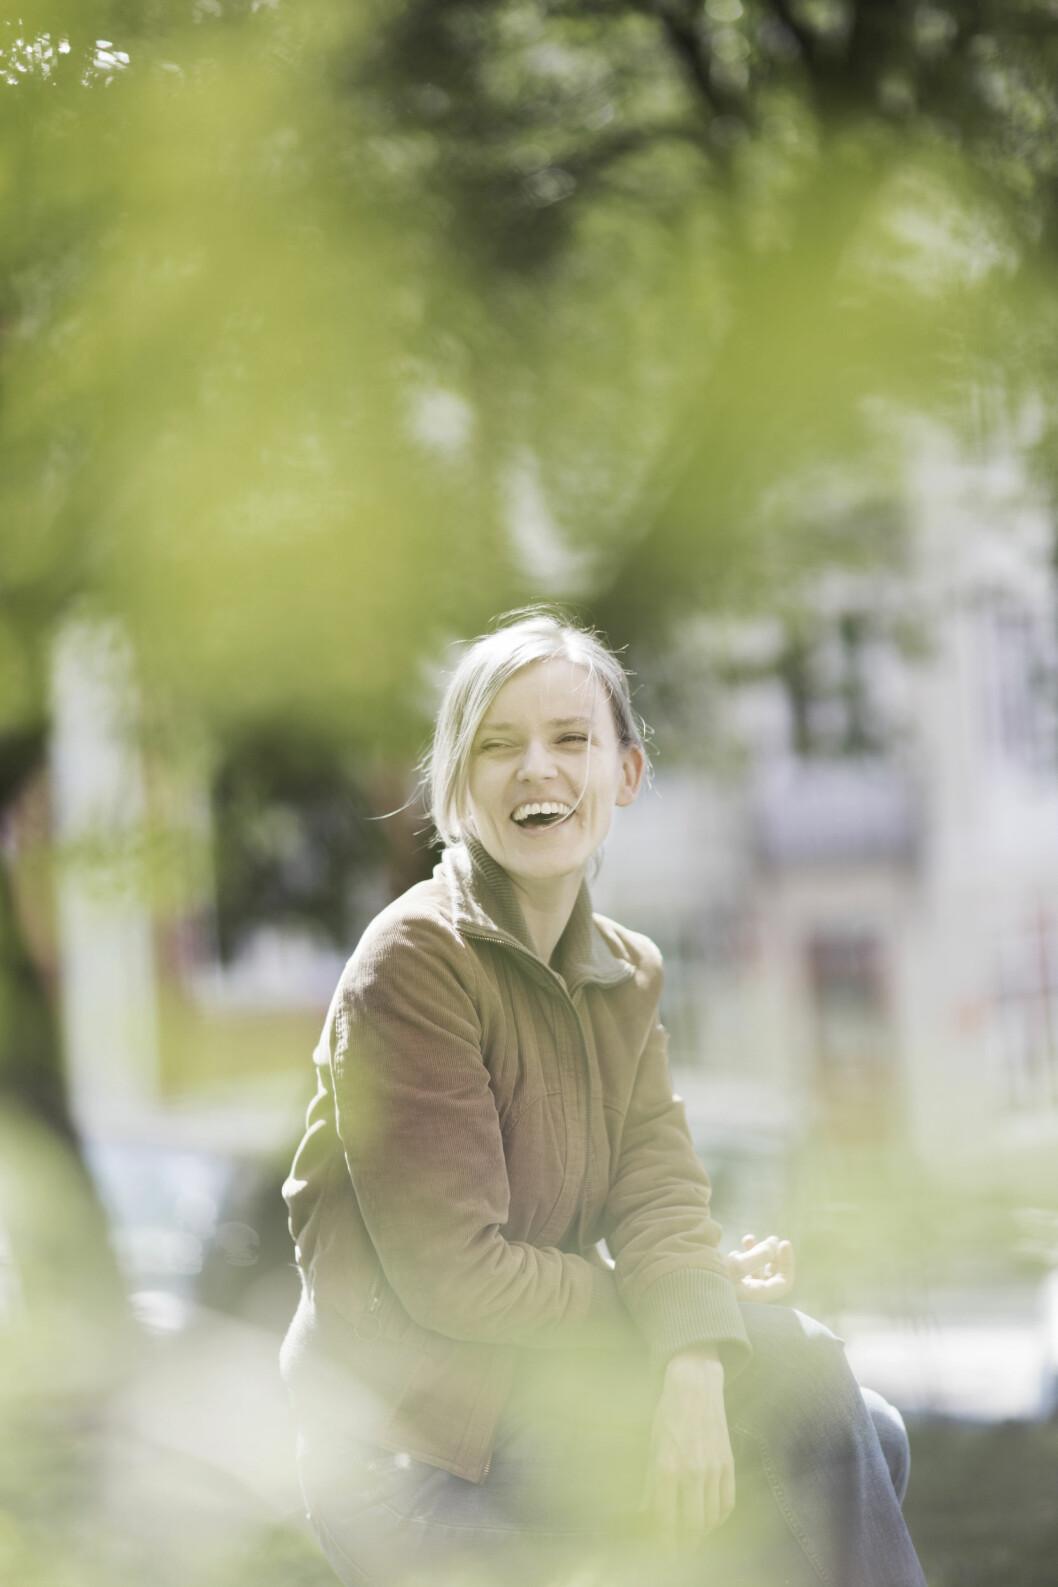 LIVET MED ME: Som ME-syk handler mye om å hvile, porsjonere energien og å skjerme seg fra inntrykk.   Foto: Silje Holte